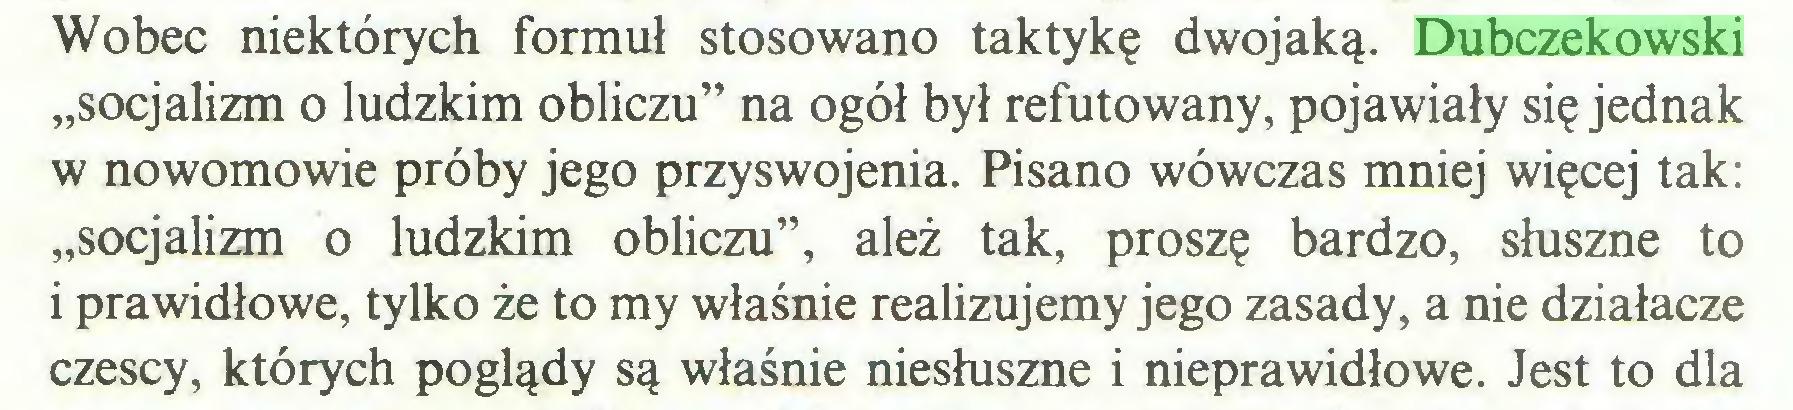 """(...) Wobec niektórych formuł stosowano taktykę dwojaką. Dubczekowski """"socjalizm o ludzkim obliczu"""" na ogół był refutowany, pojawiały się jednak w nowomowie próby jego przyswojenia. Pisano wówczas mniej więcej tak: """"socjalizm o ludzkim obliczu"""", ależ tak, proszę bardzo, słuszne to i prawidłowe, tylko że to my właśnie realizujemy jego zasady, a nie działacze czescy, których poglądy są właśnie niesłuszne i nieprawidłowe. Jest to dla..."""